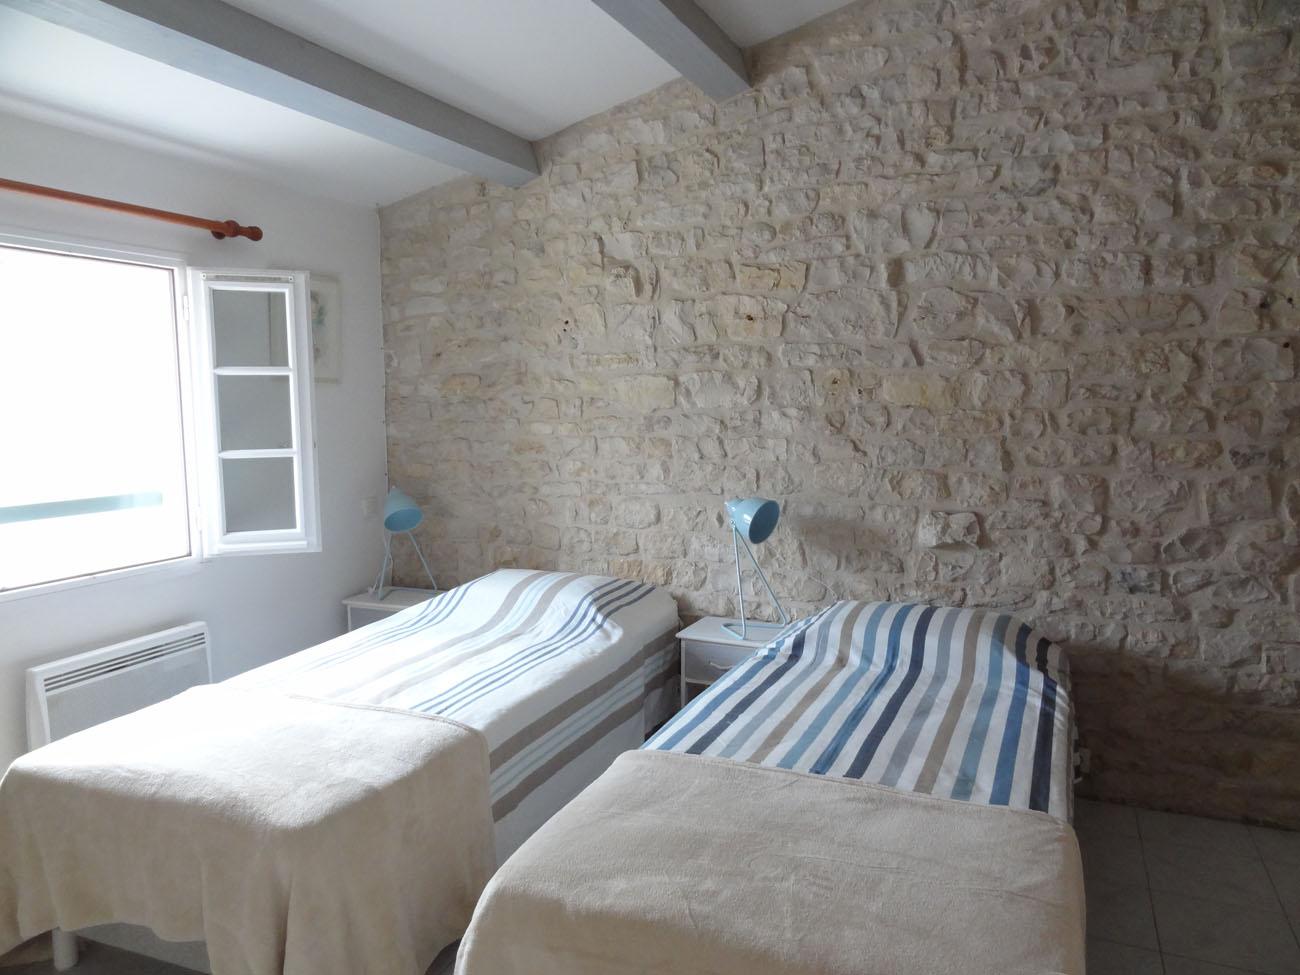 Location Maison Ile de Ré - Marceane - Chambre 2